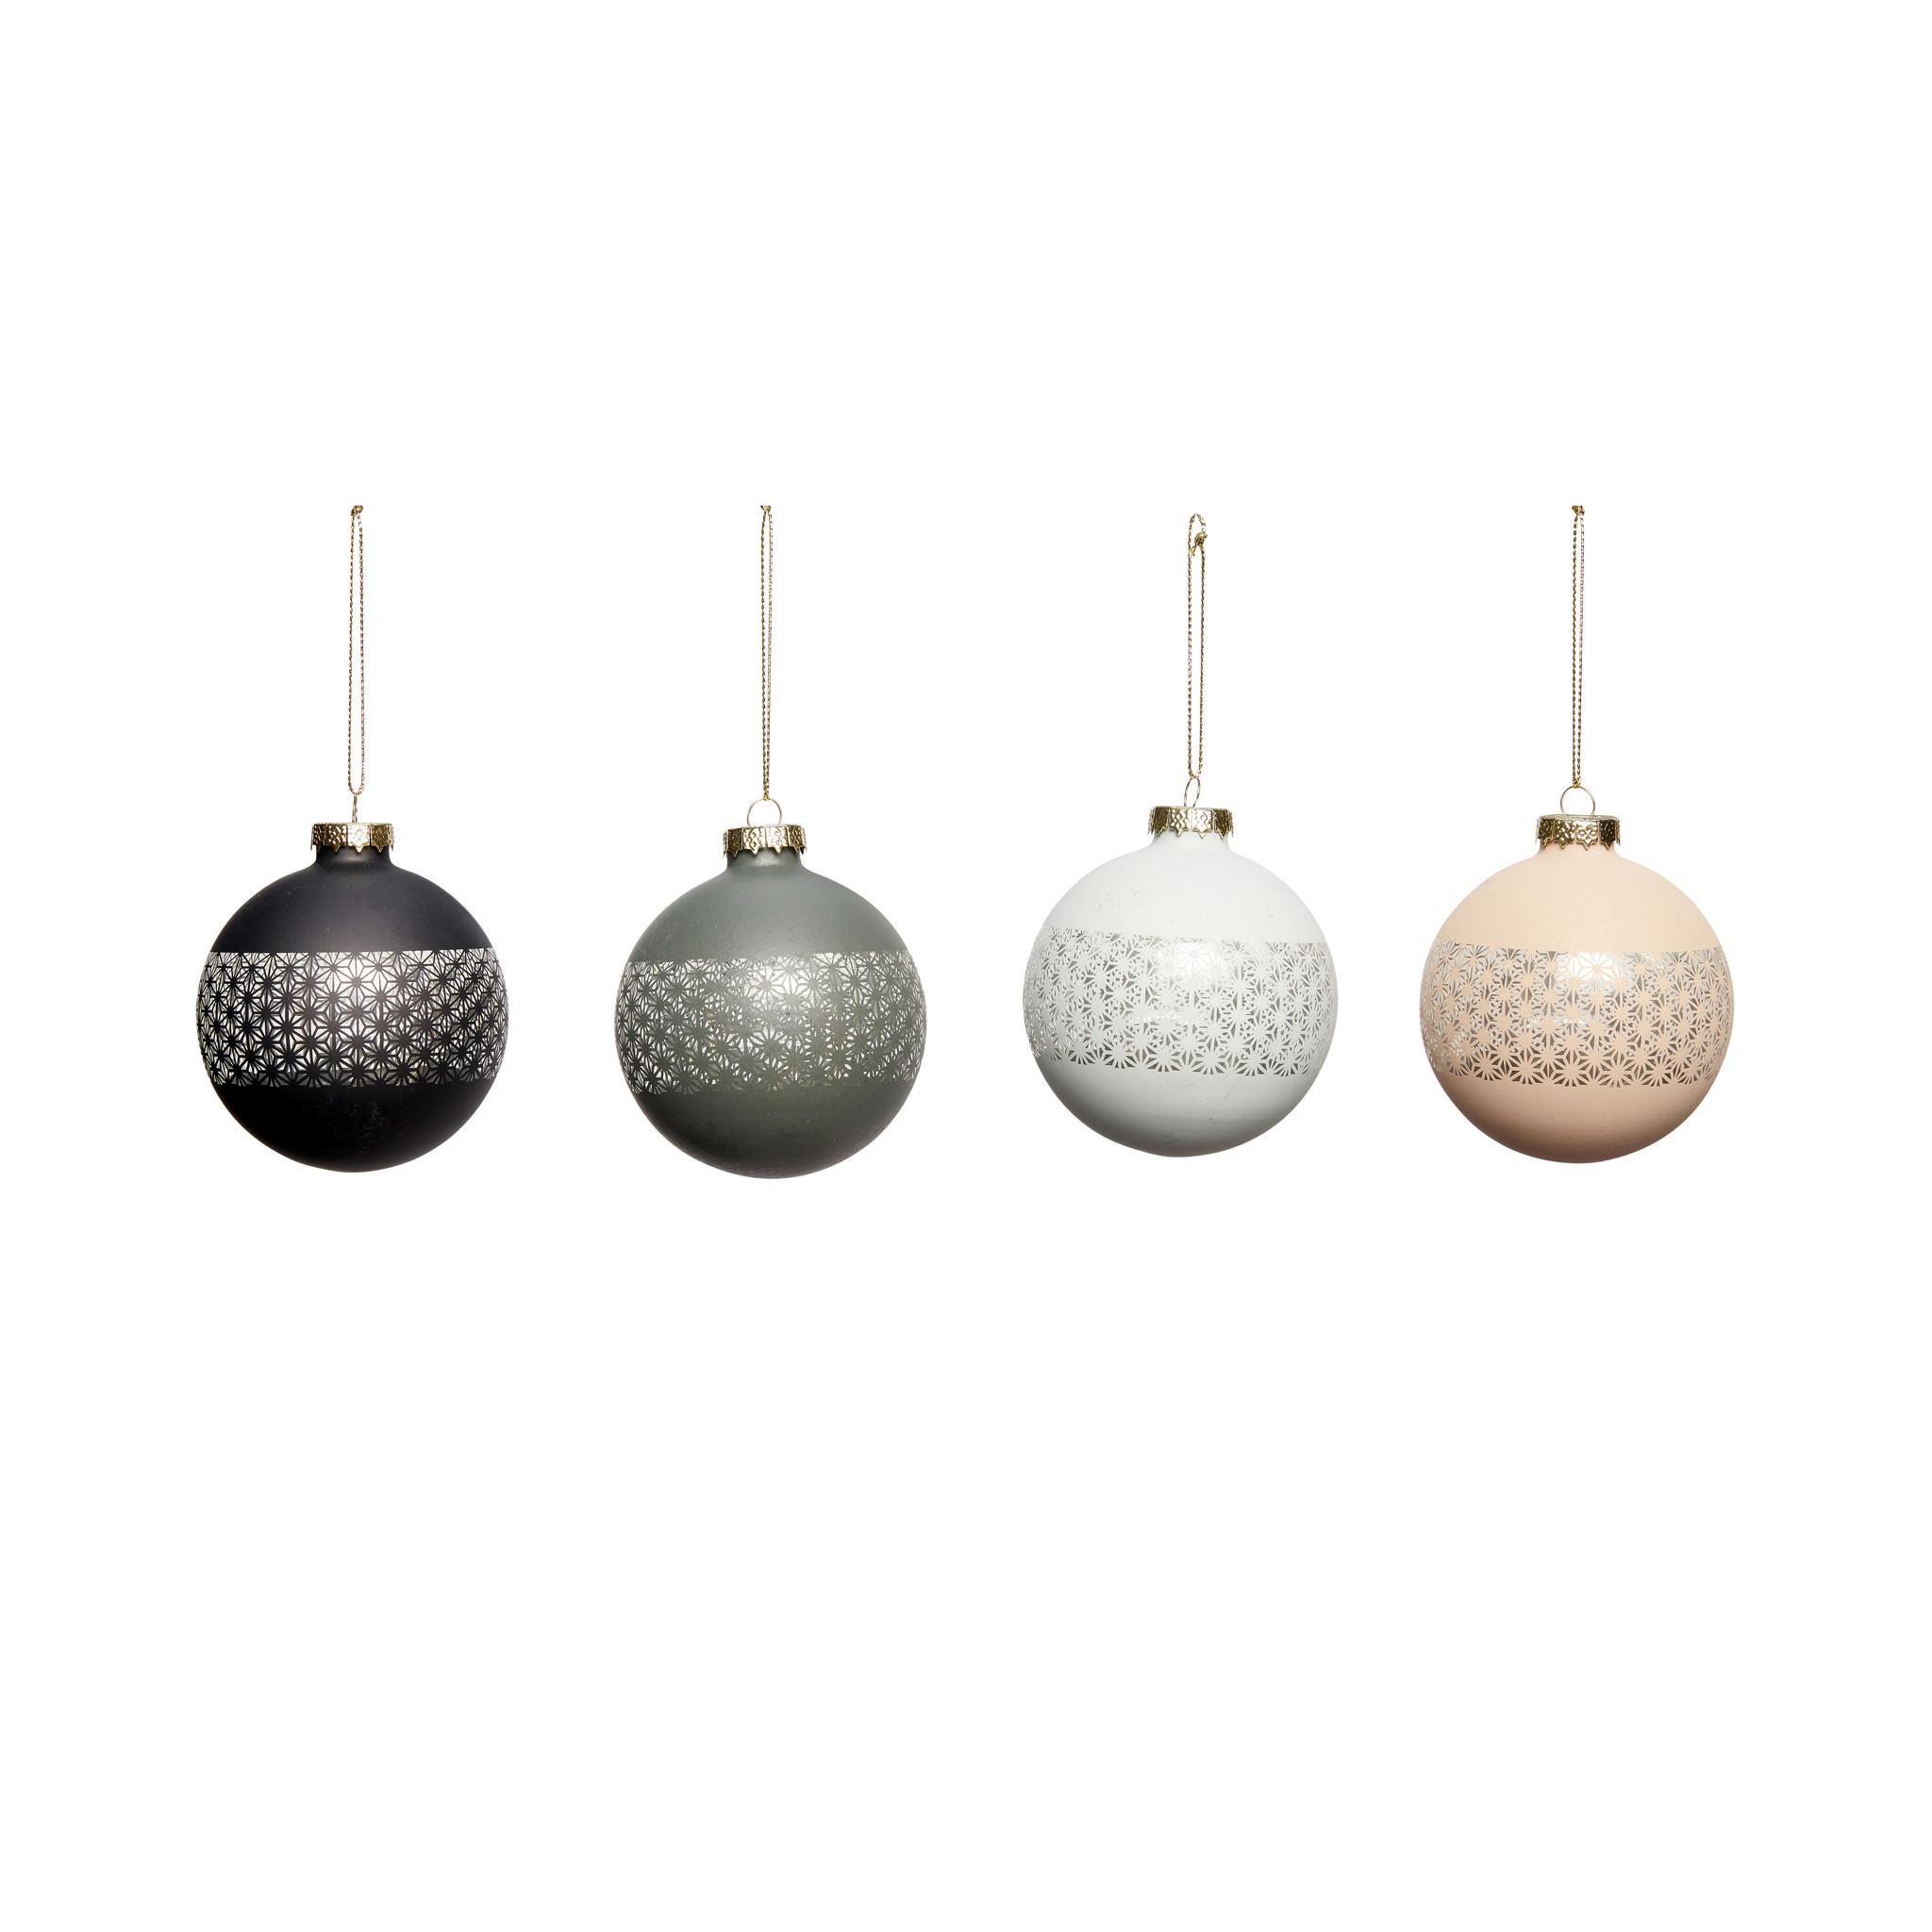 Hubsch Kerstbal, plast, zwart / blauw / donkerblauw / rose, groot, set van 4